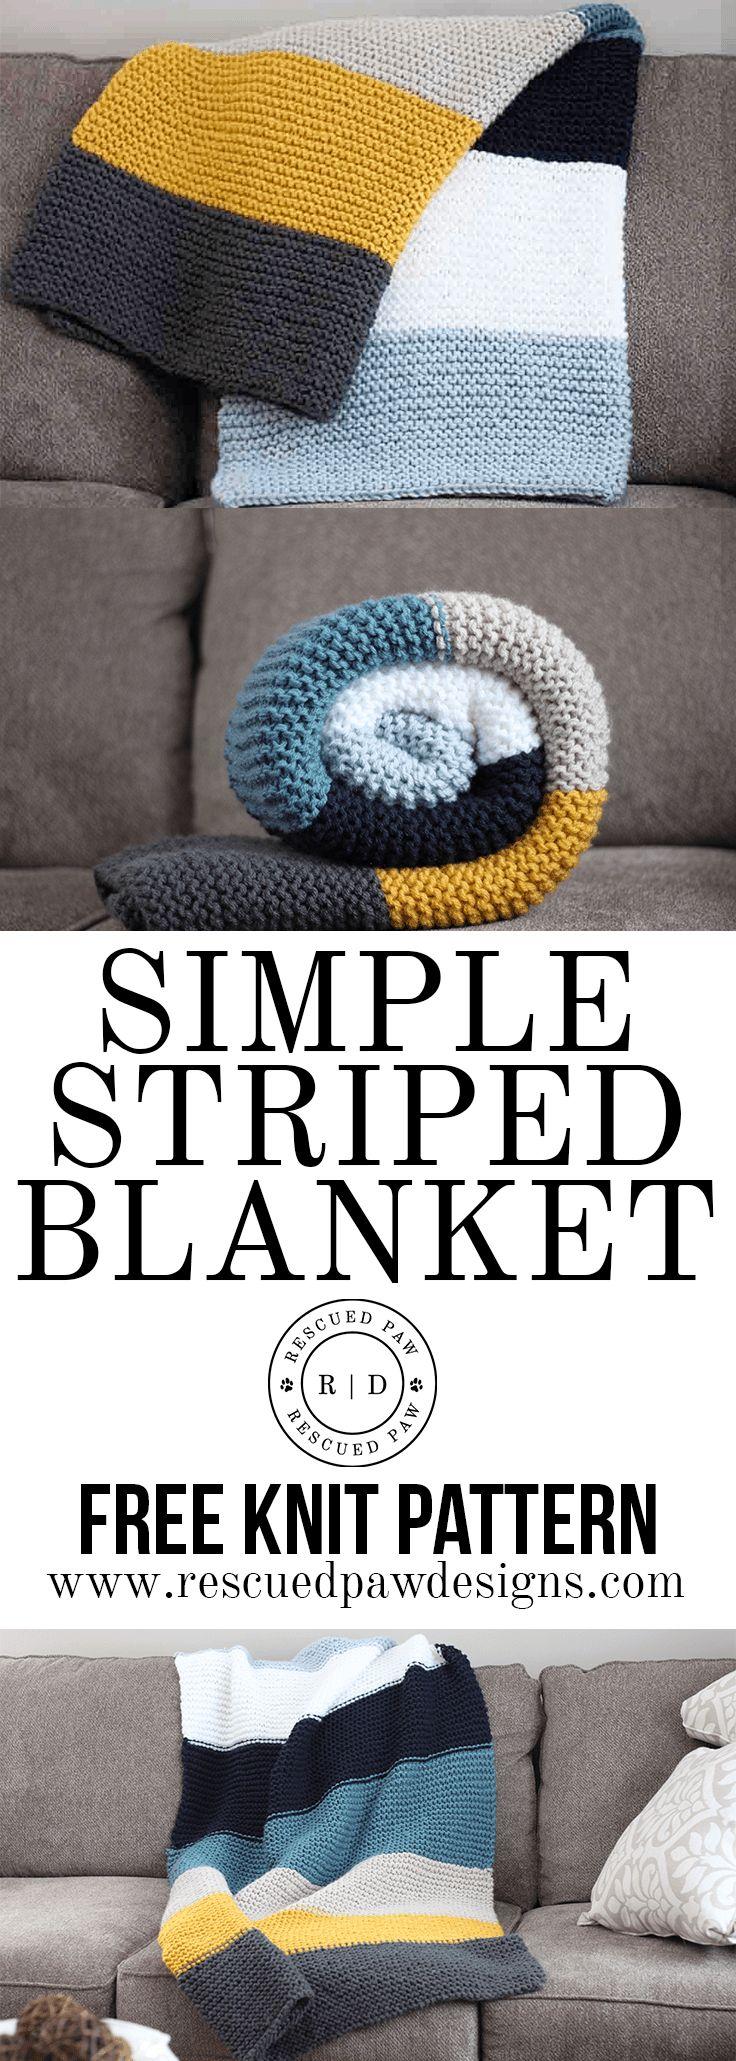 Como tricotar um cobertor - padrão de tricô gratuito - livre passo a passo iniciante padrão de manta de malha